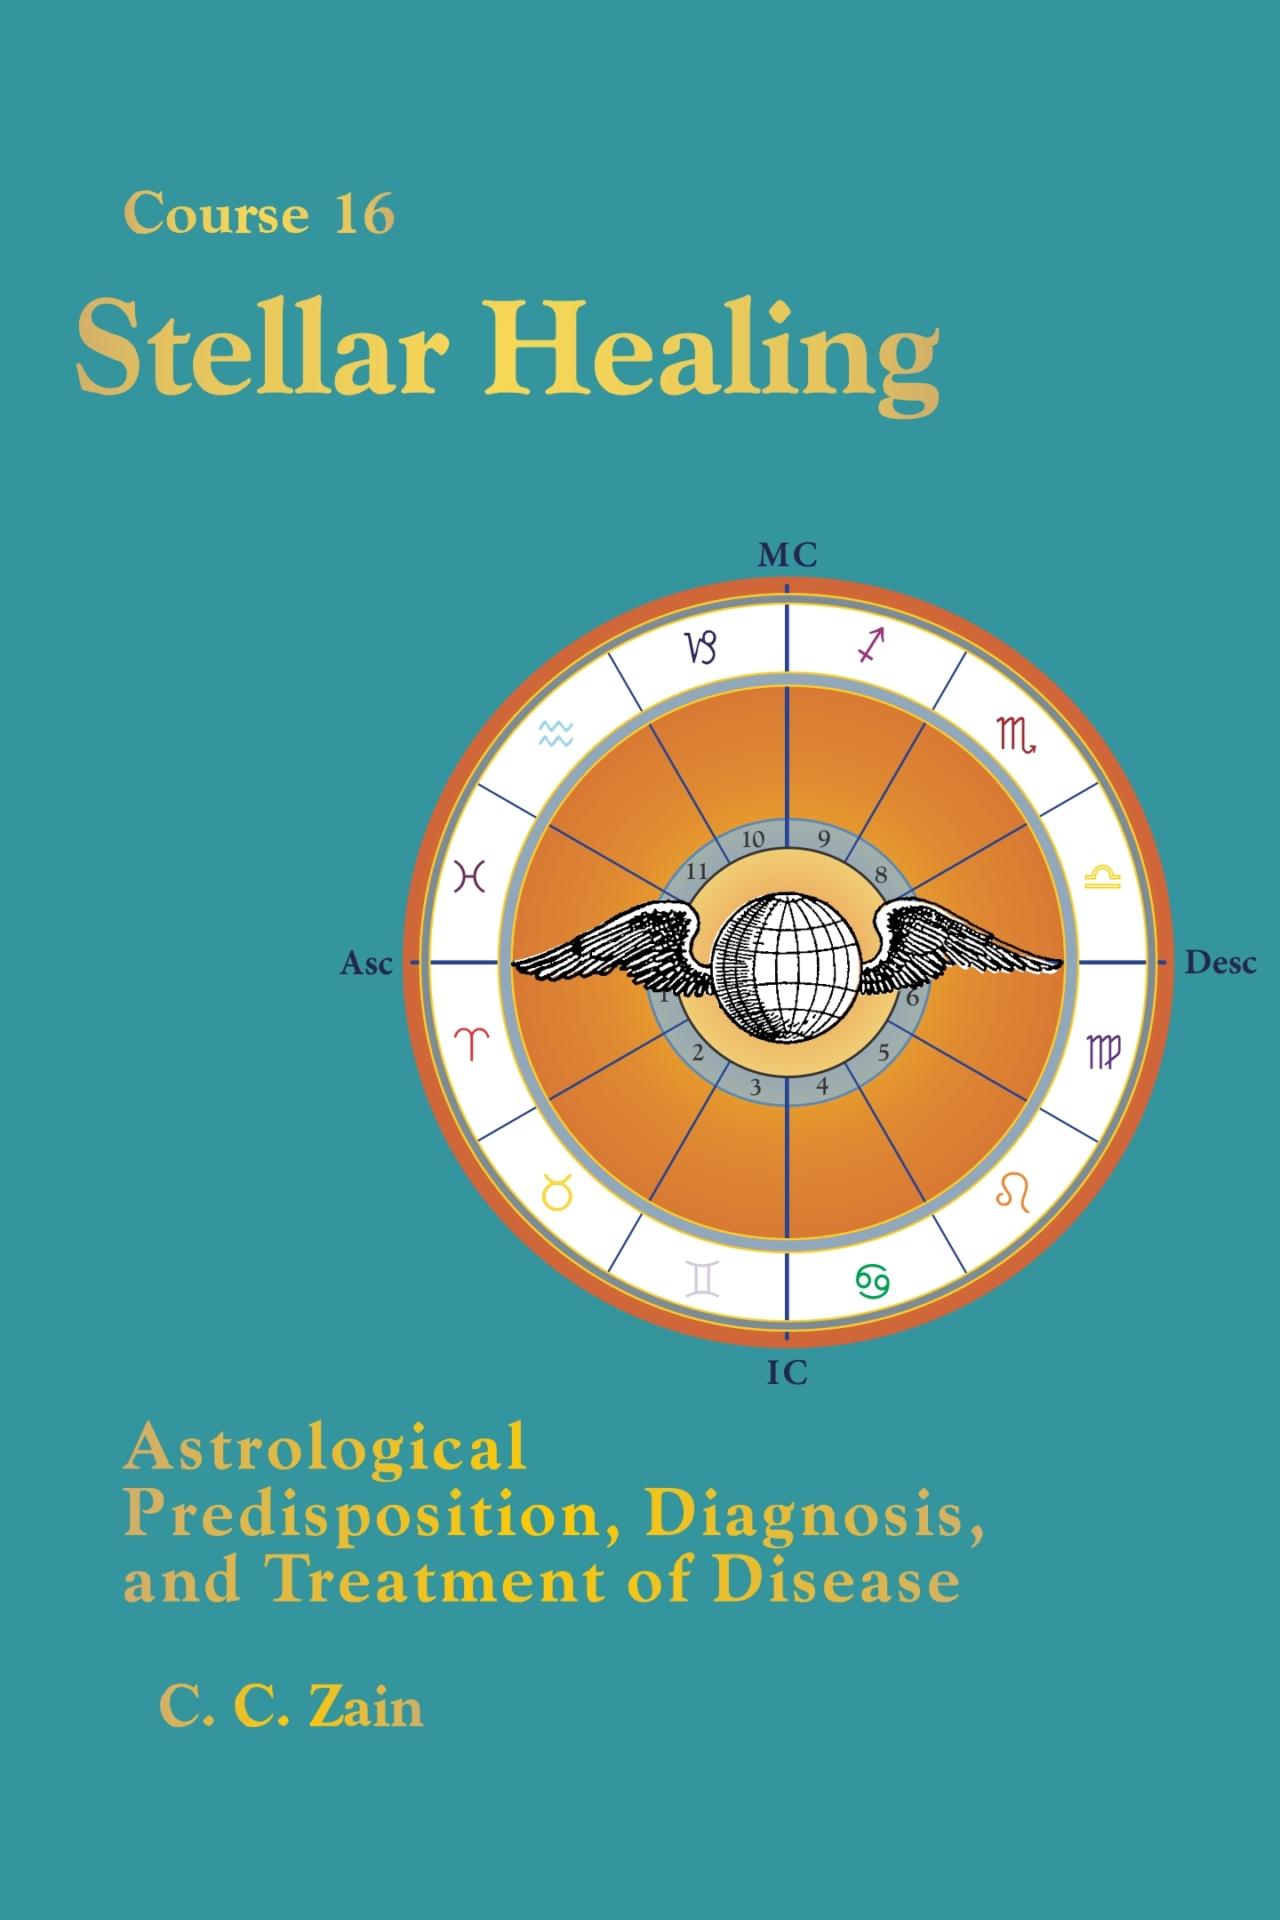 https://study.academyofhermeticarts.org/wp-content/uploads/2020/04/16_Stellar_Healing_eBook_Cover-1280x1920.jpg